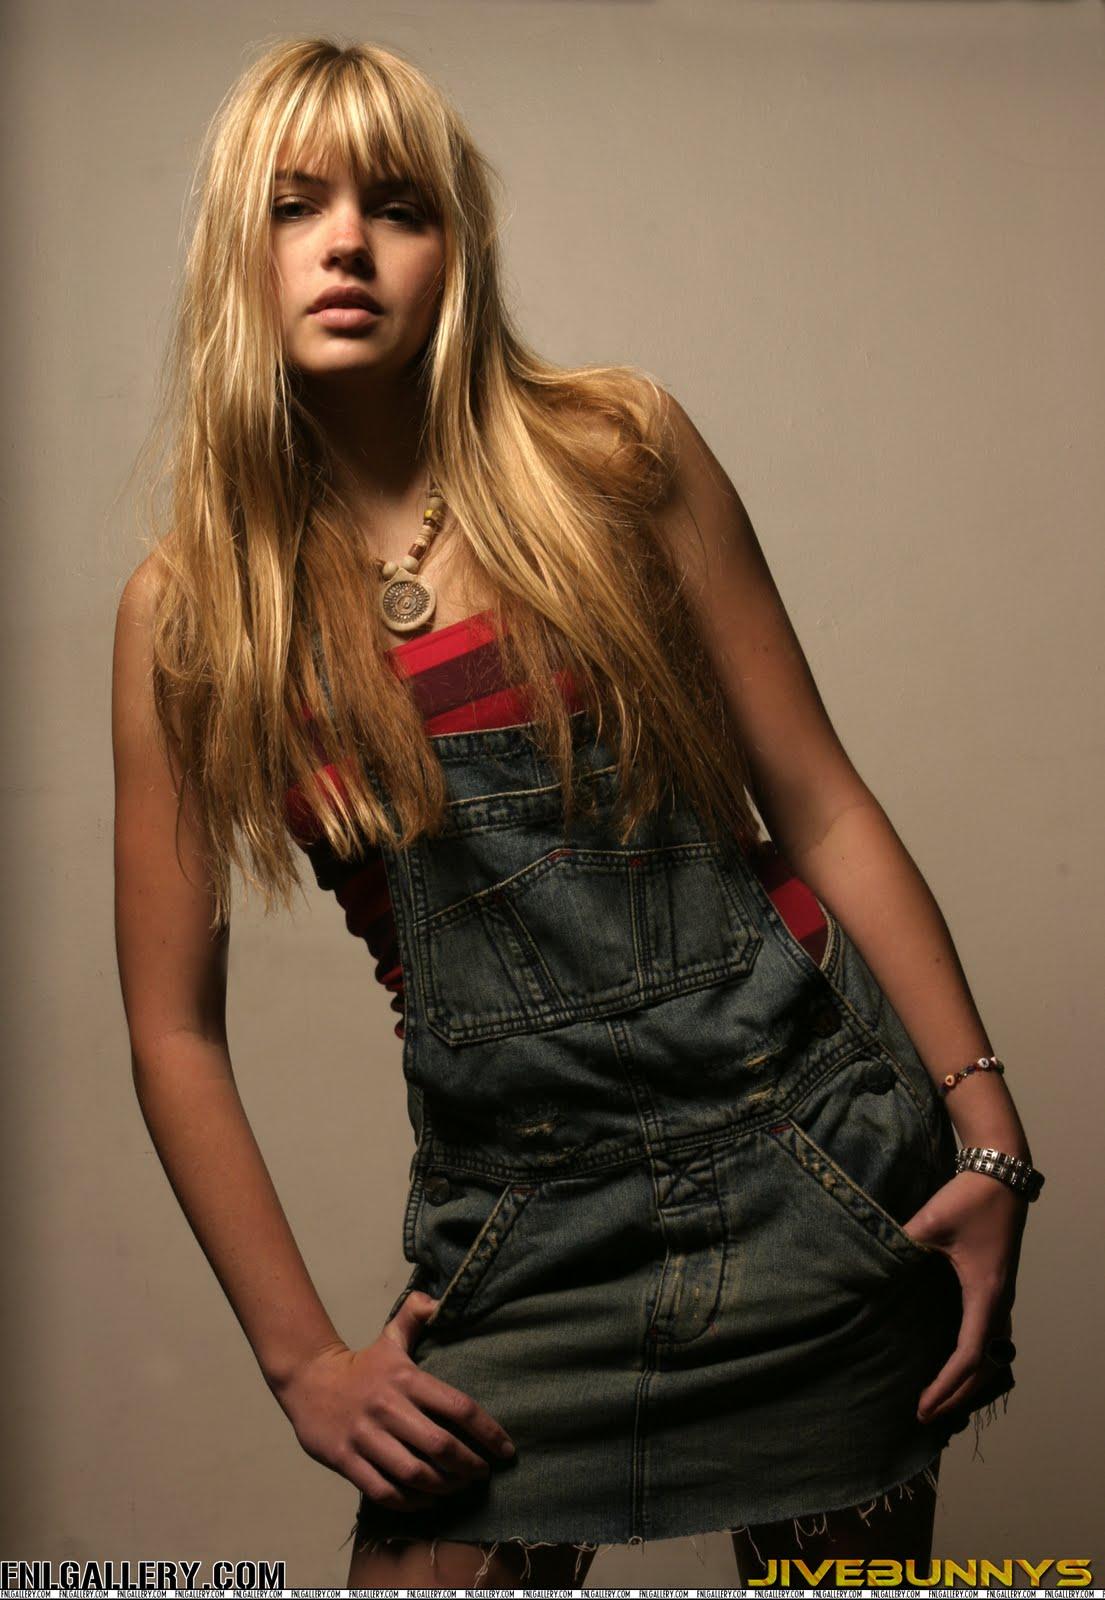 Aimee Teegarden Bio